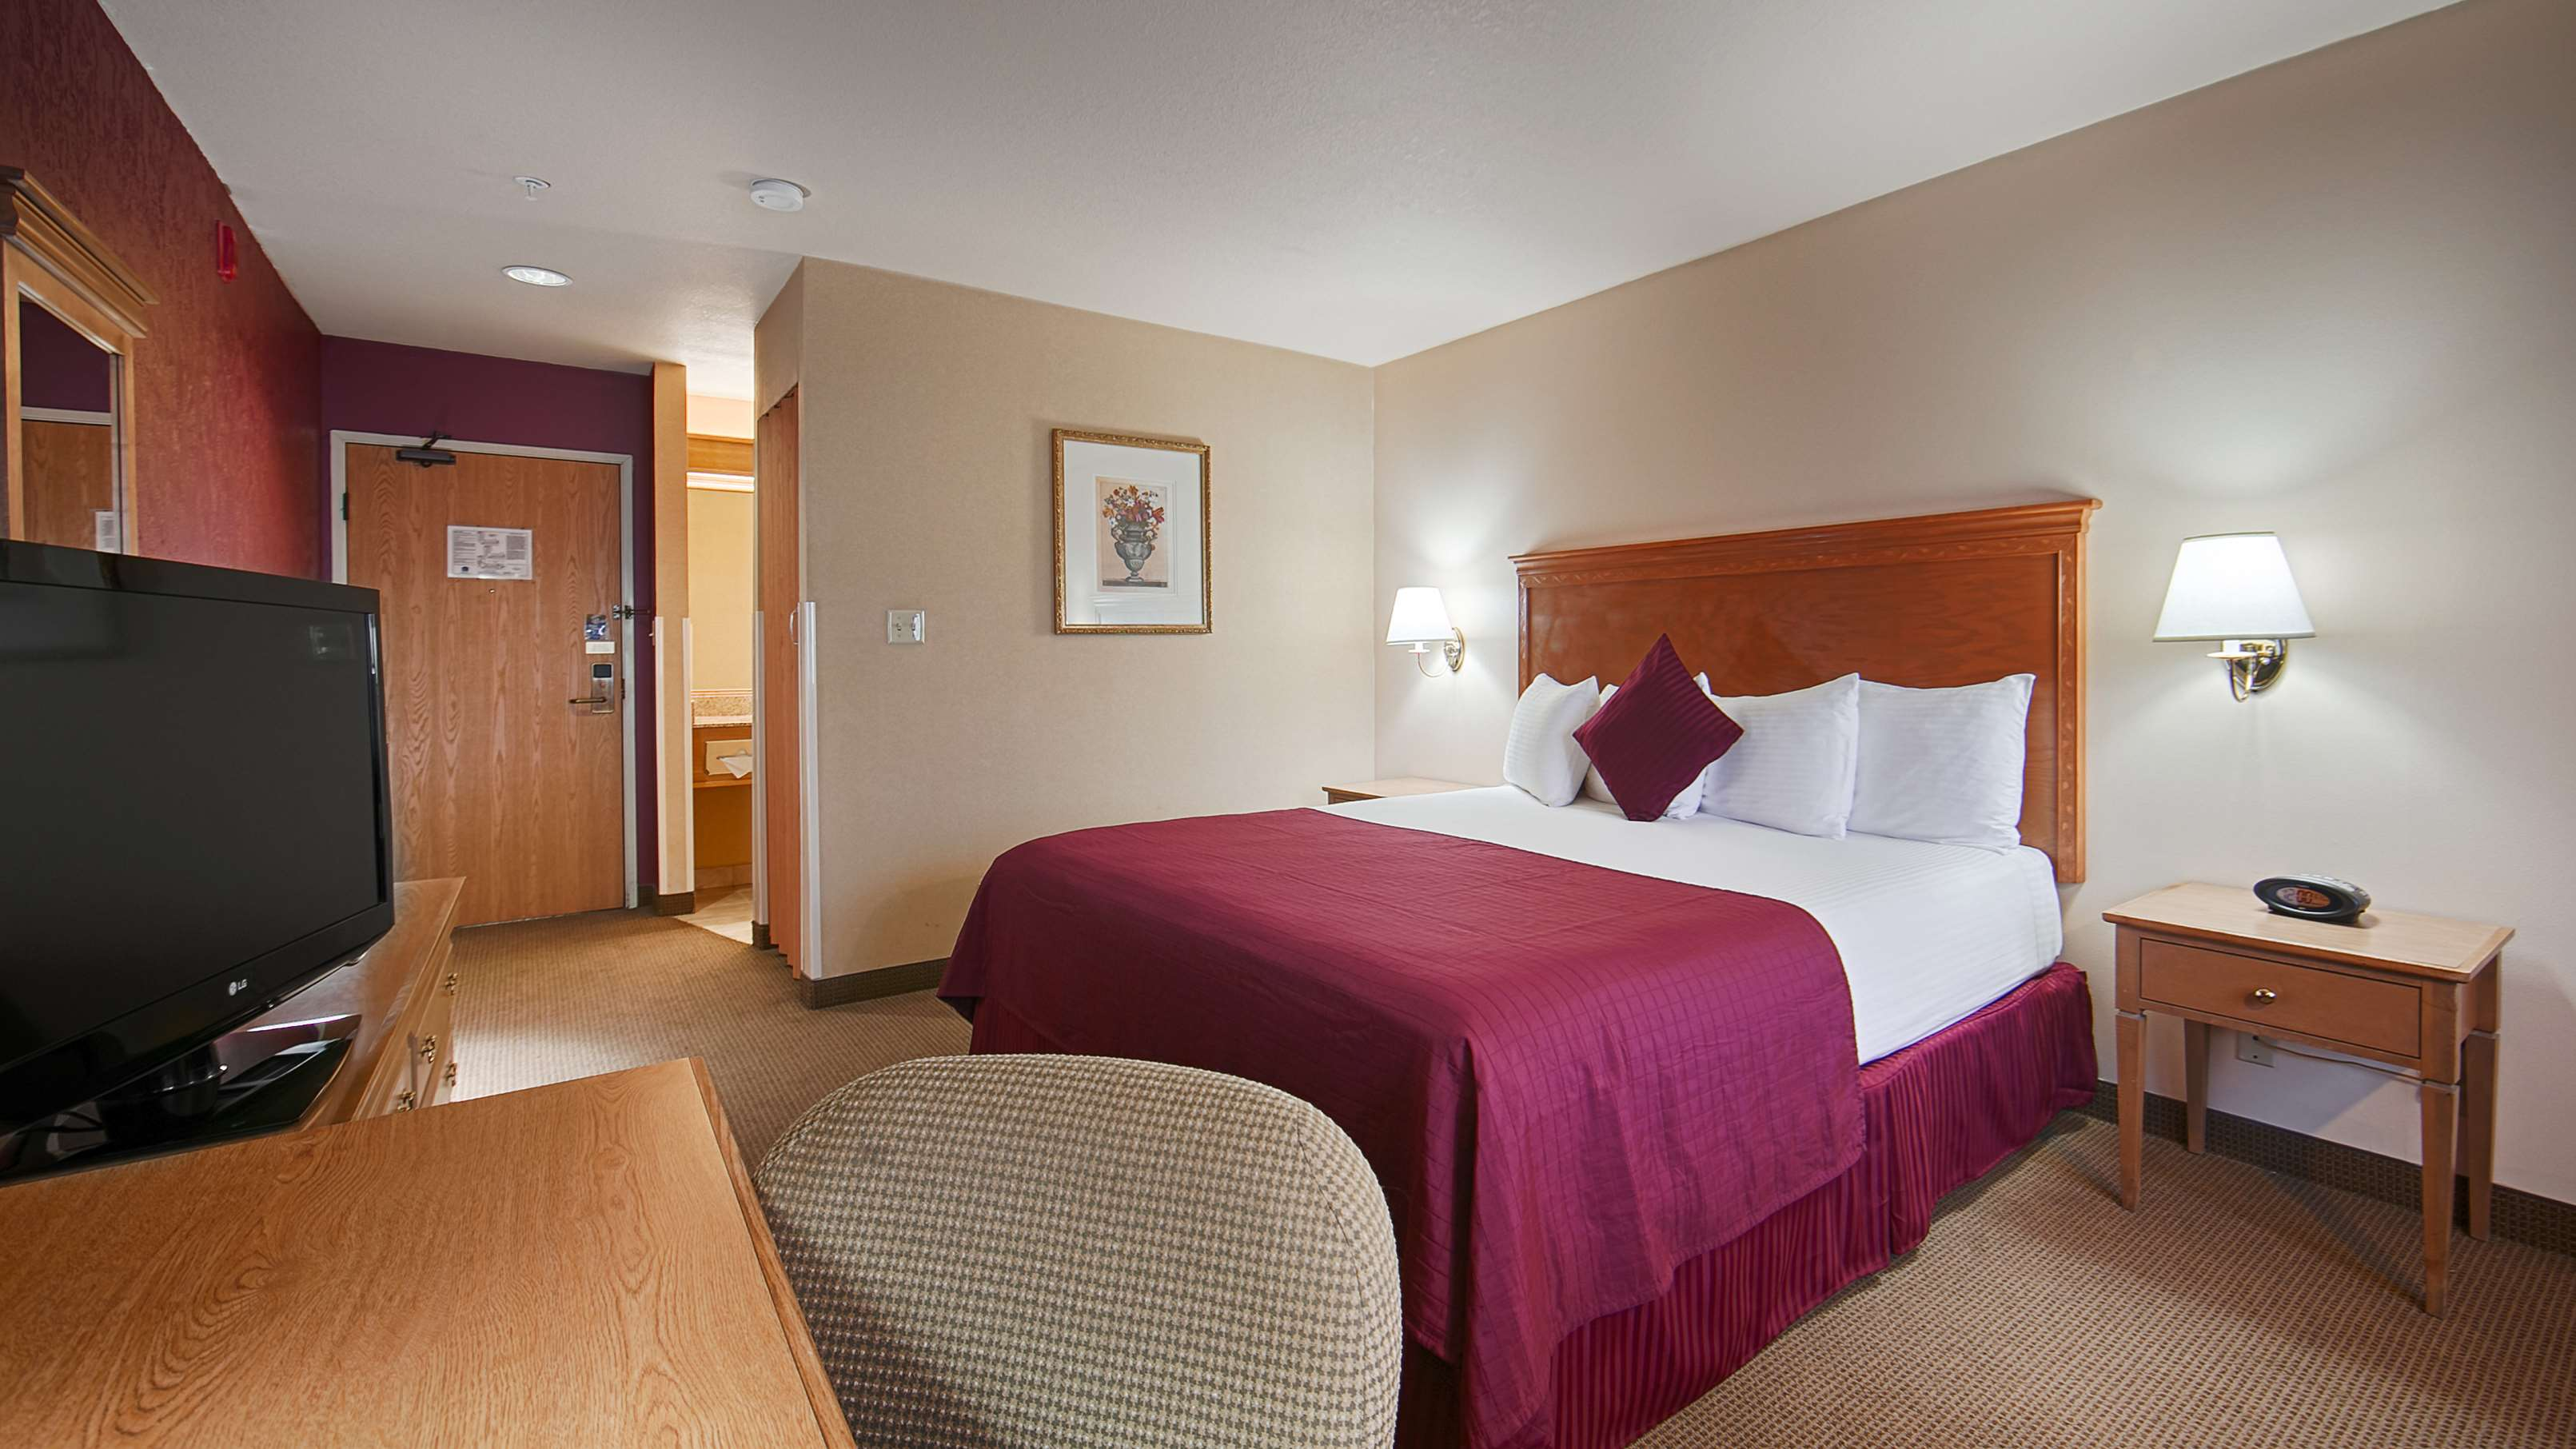 Best Western Plus Caldwell Inn & Suites image 21